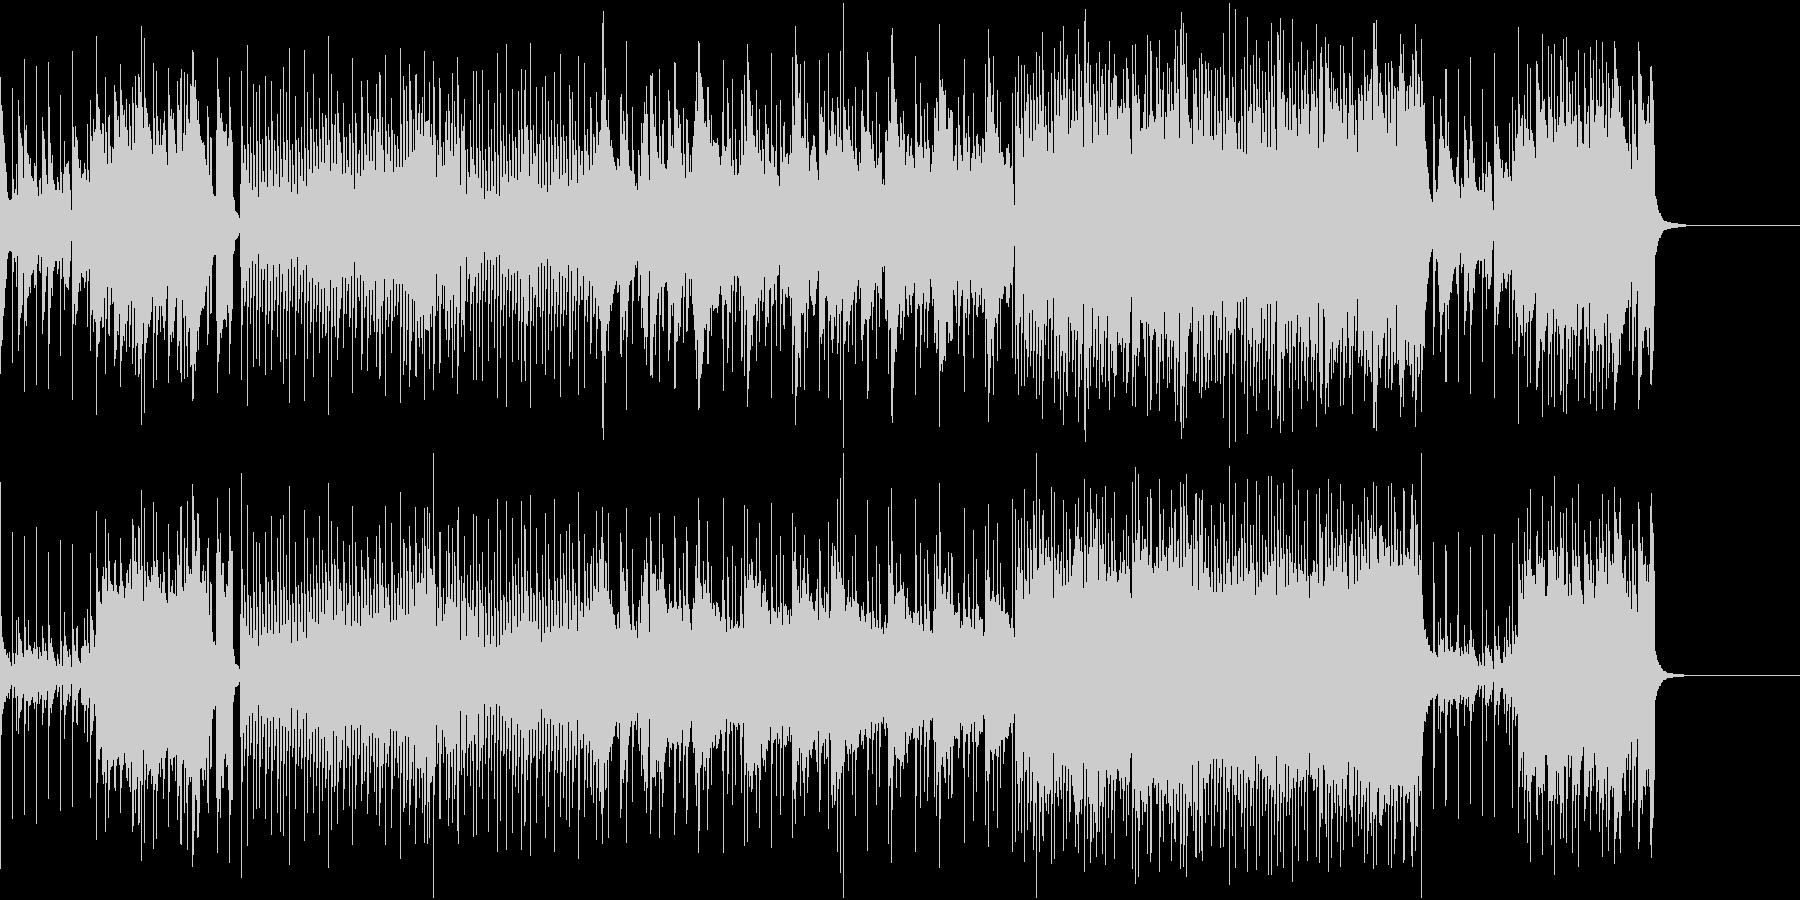 未来の拡がりと期待を描いたポップロックの未再生の波形